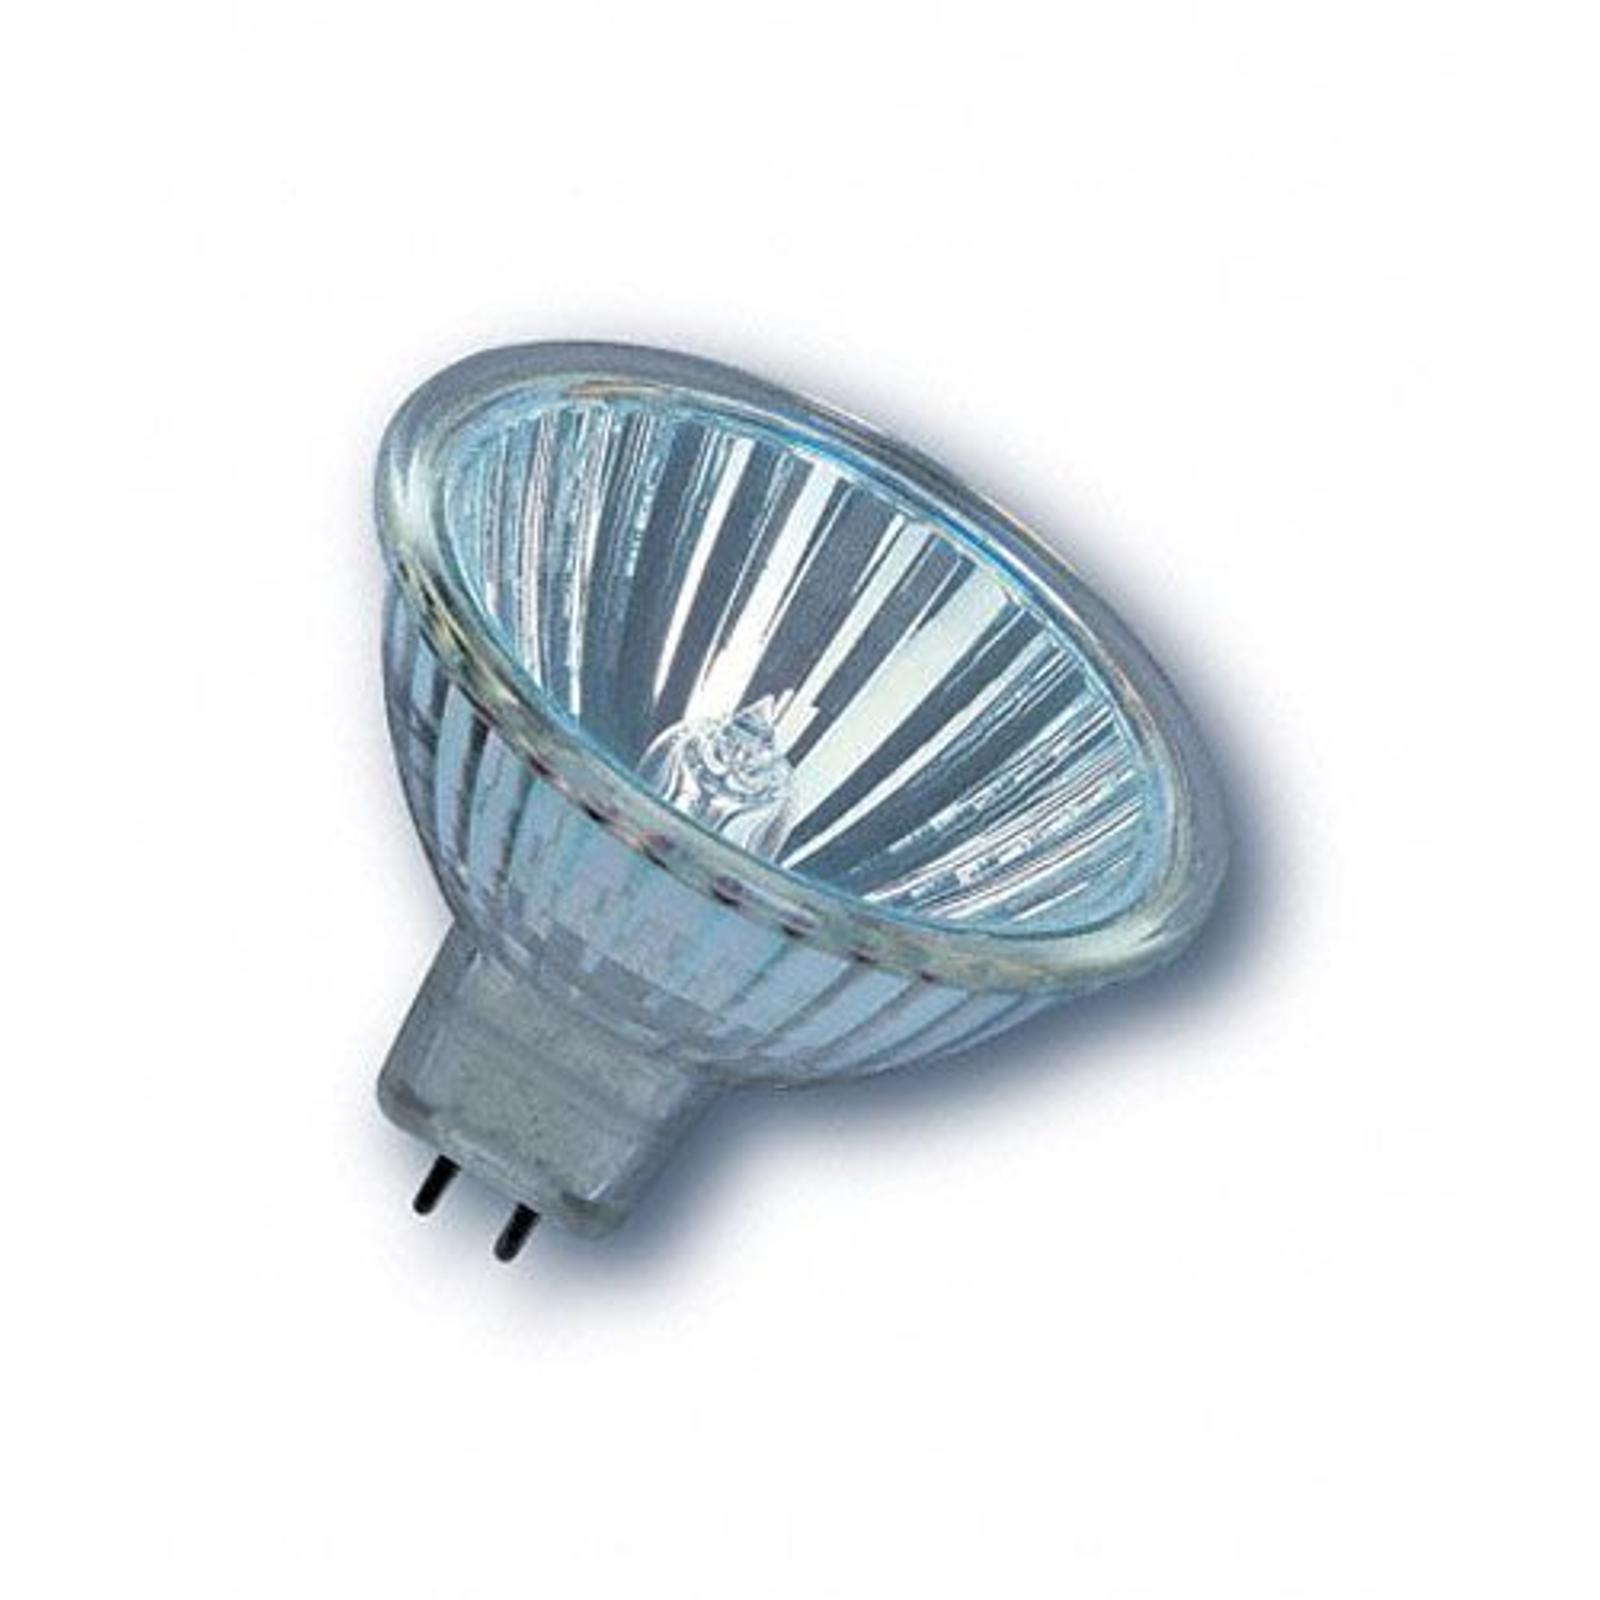 GU5,3 MR16 Halogenlampe Decostar51 Standard 50W 36